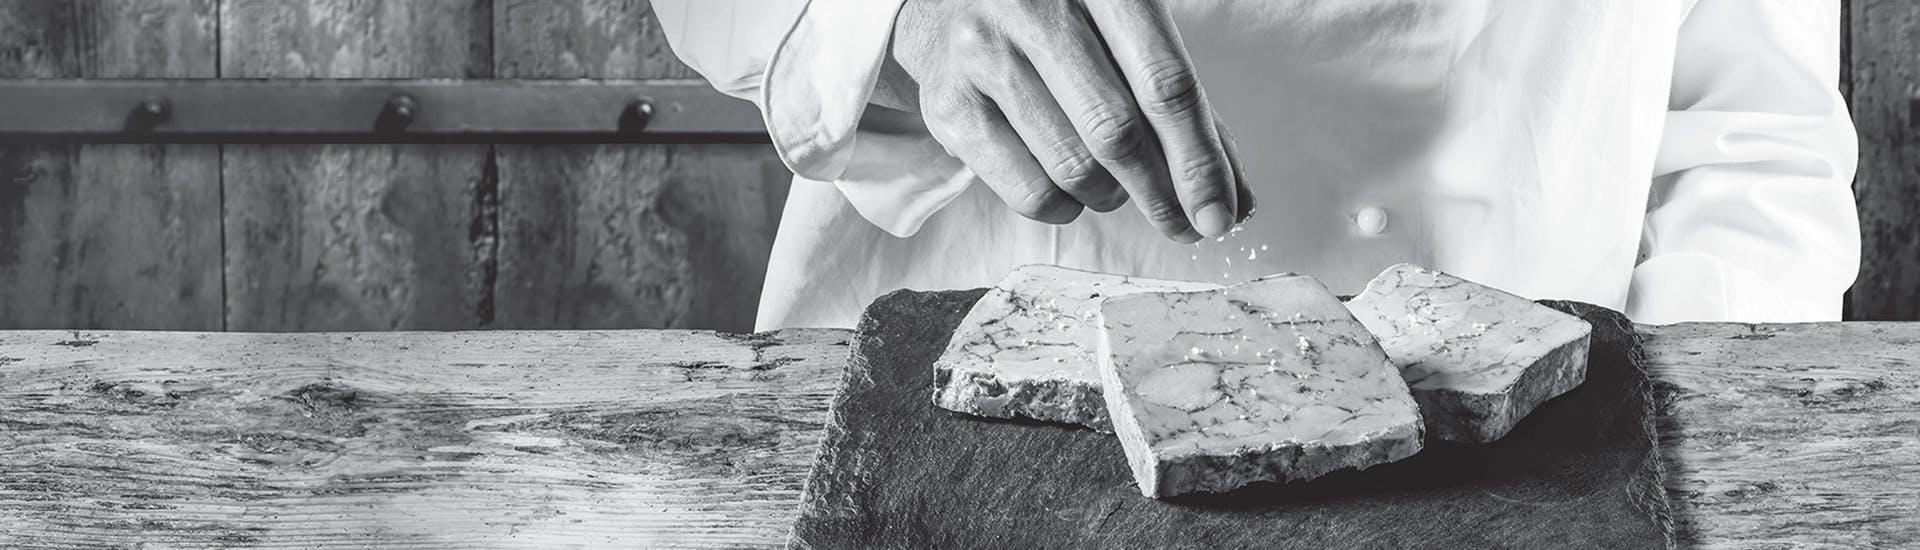 Photo en noir et blanc d'un cuisinier salant le fois gras disposé sur une ardoise posée sur une table en bois.